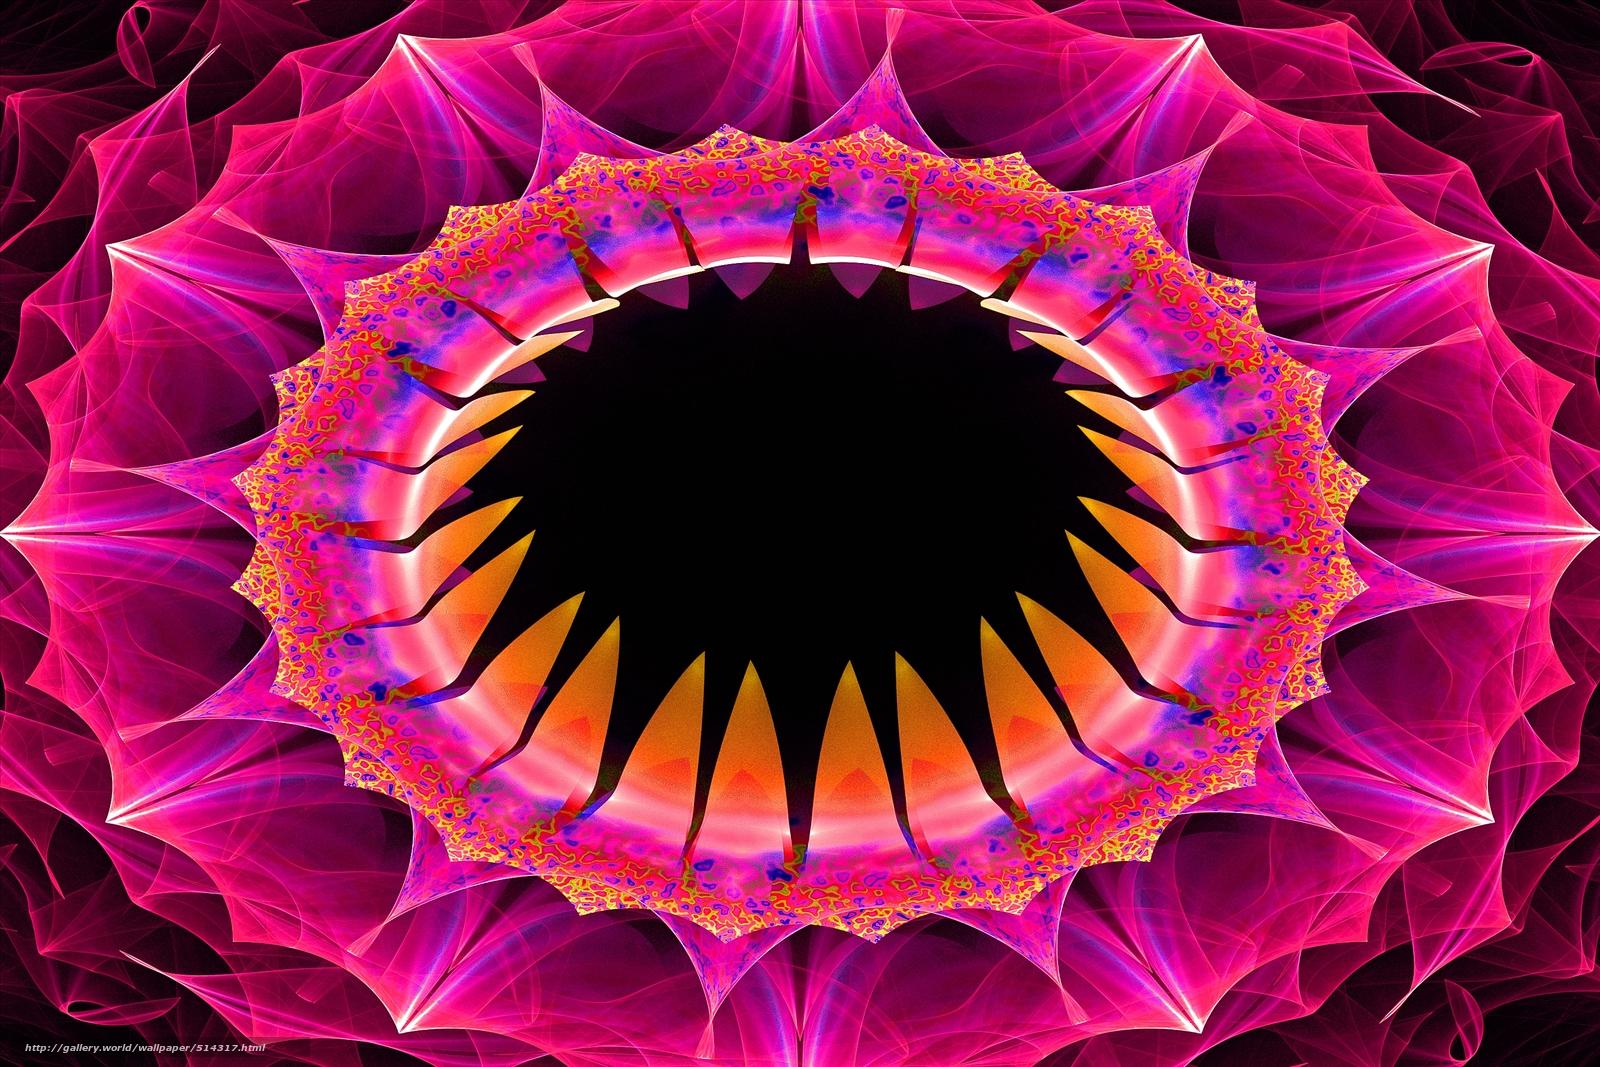 Скачать обои raw fractals,  3d,  art бесплатно для рабочего стола в разрешении 3000x2000 — картинка №514317